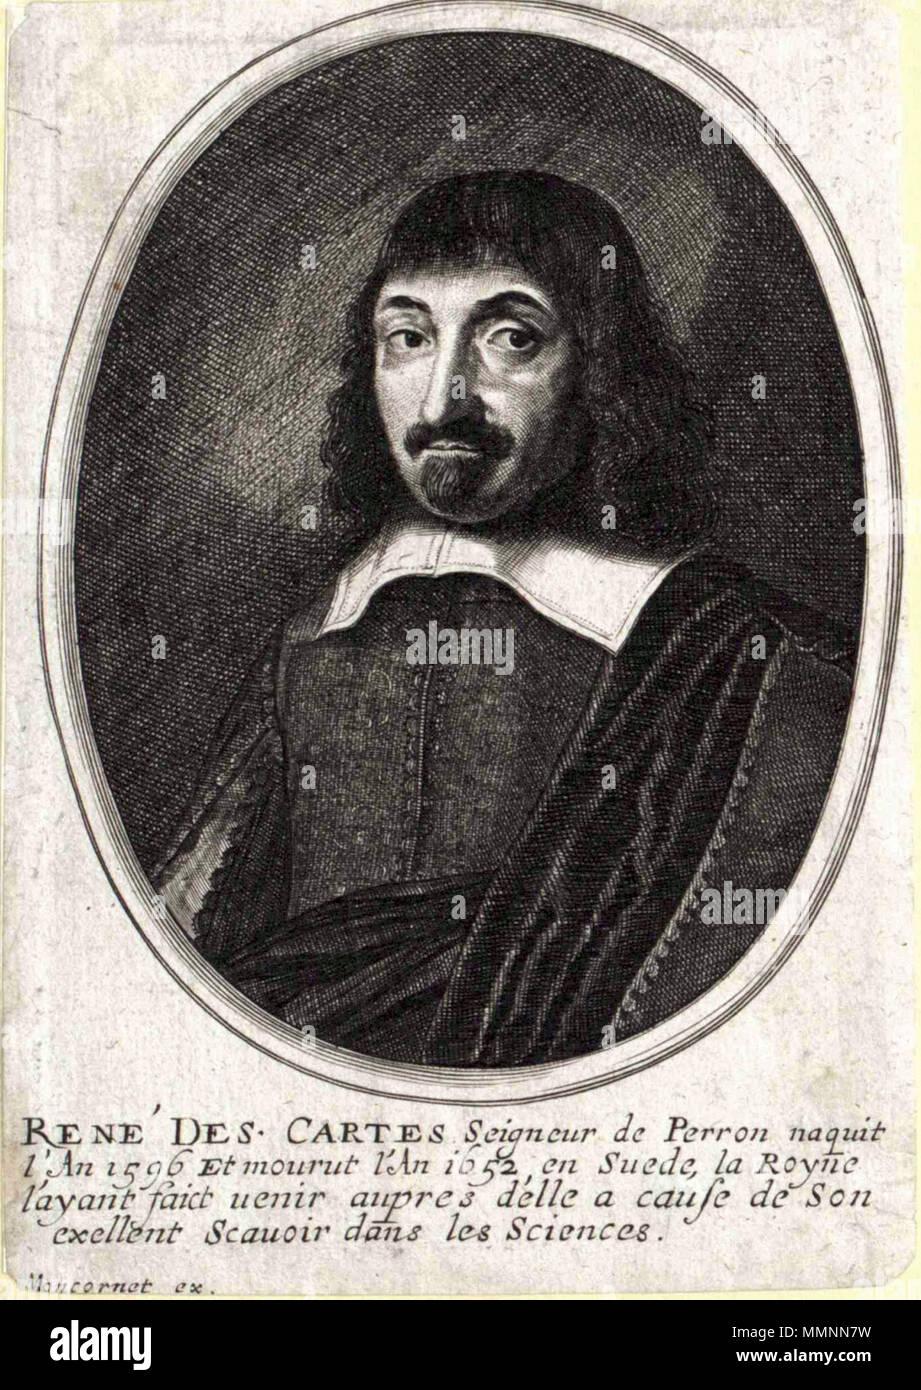 when was rene descartes born